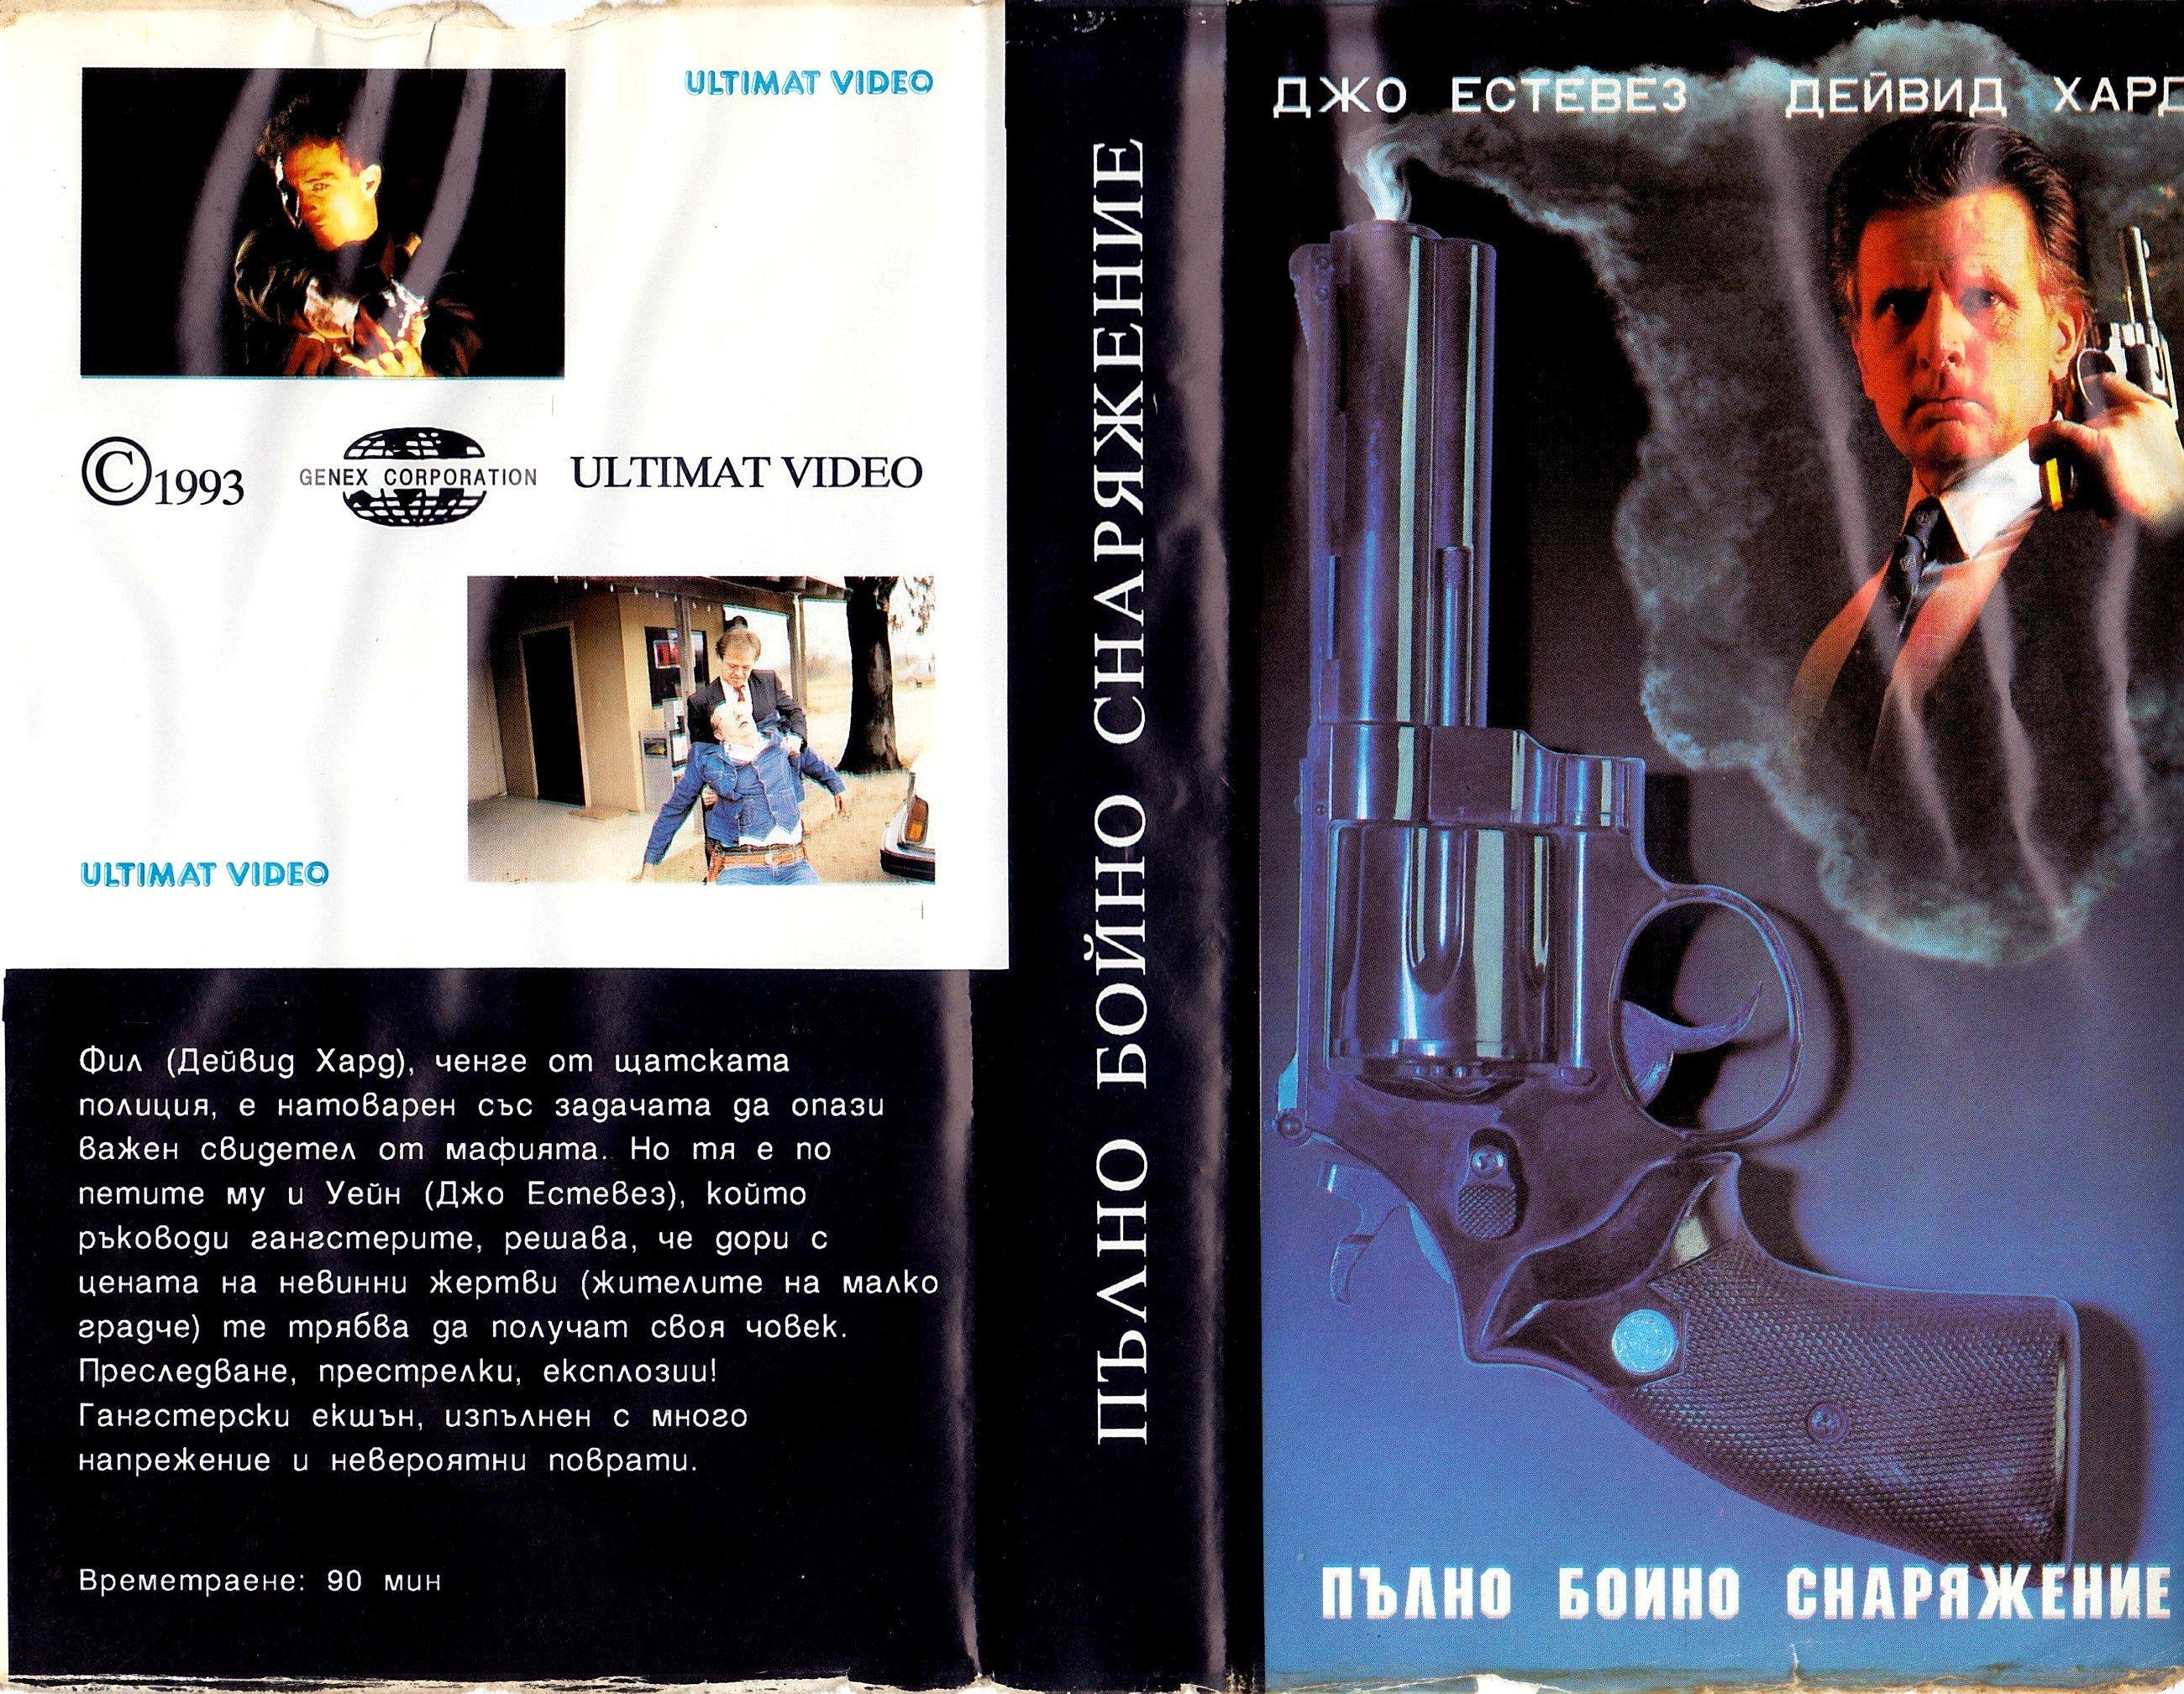 Пълно бойно снаряжение филм постер